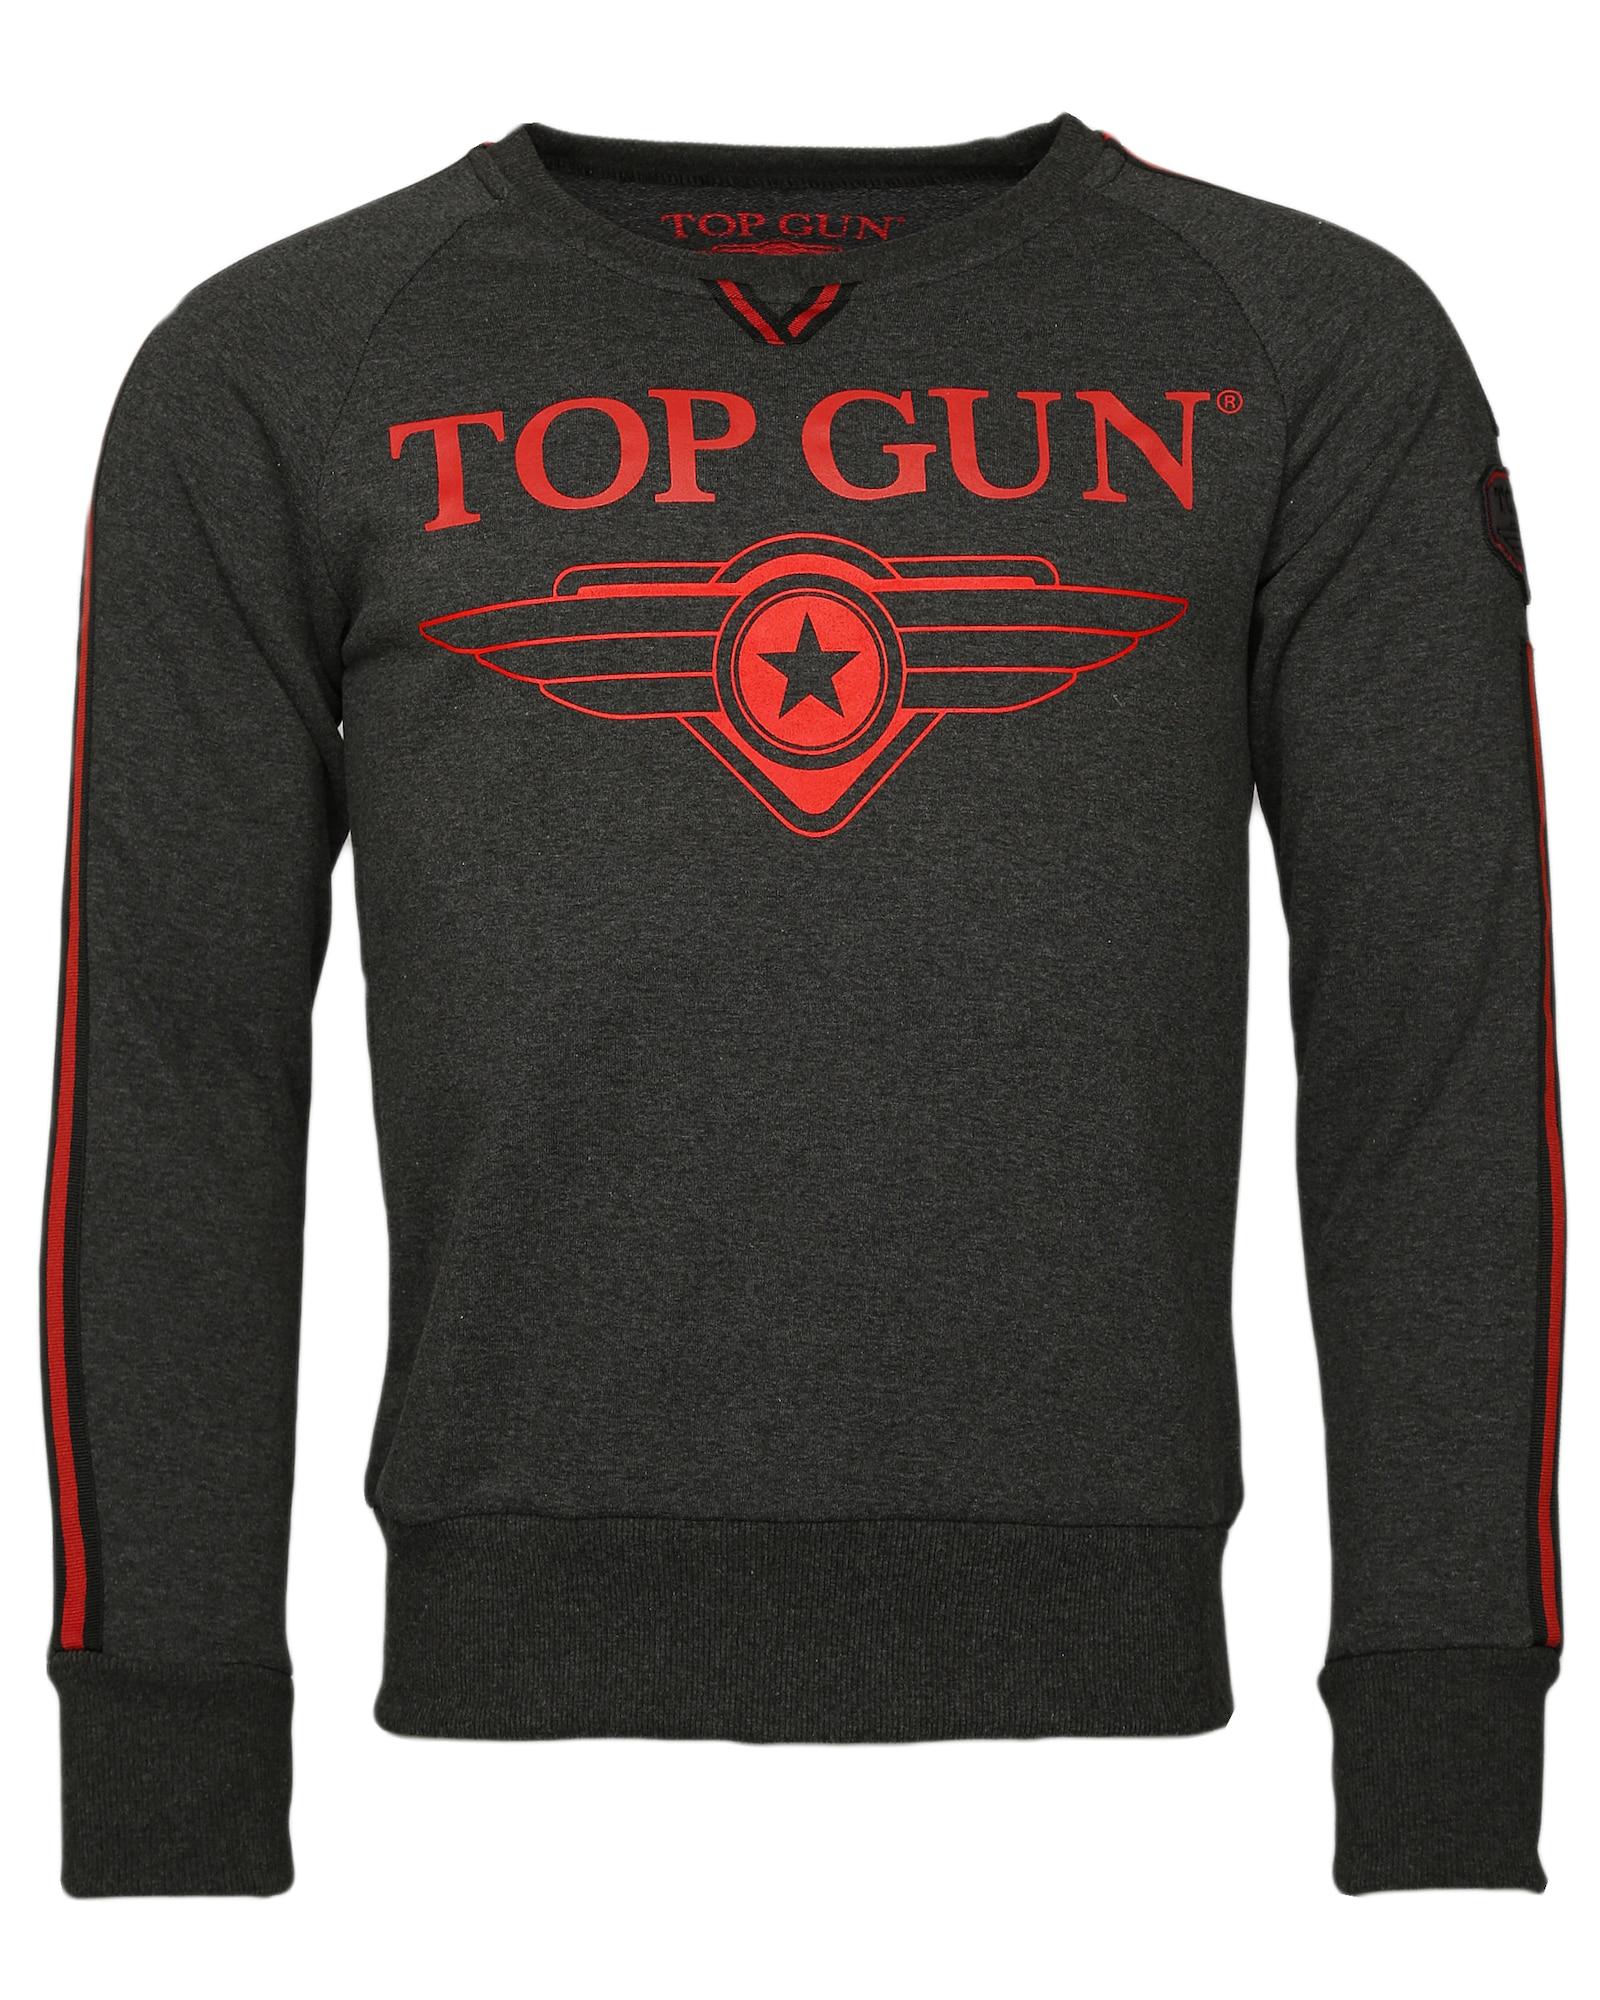 Herren TOP GUN Sweater 'Streak' anthrazit,  rot,  schwarz | 04051845953330